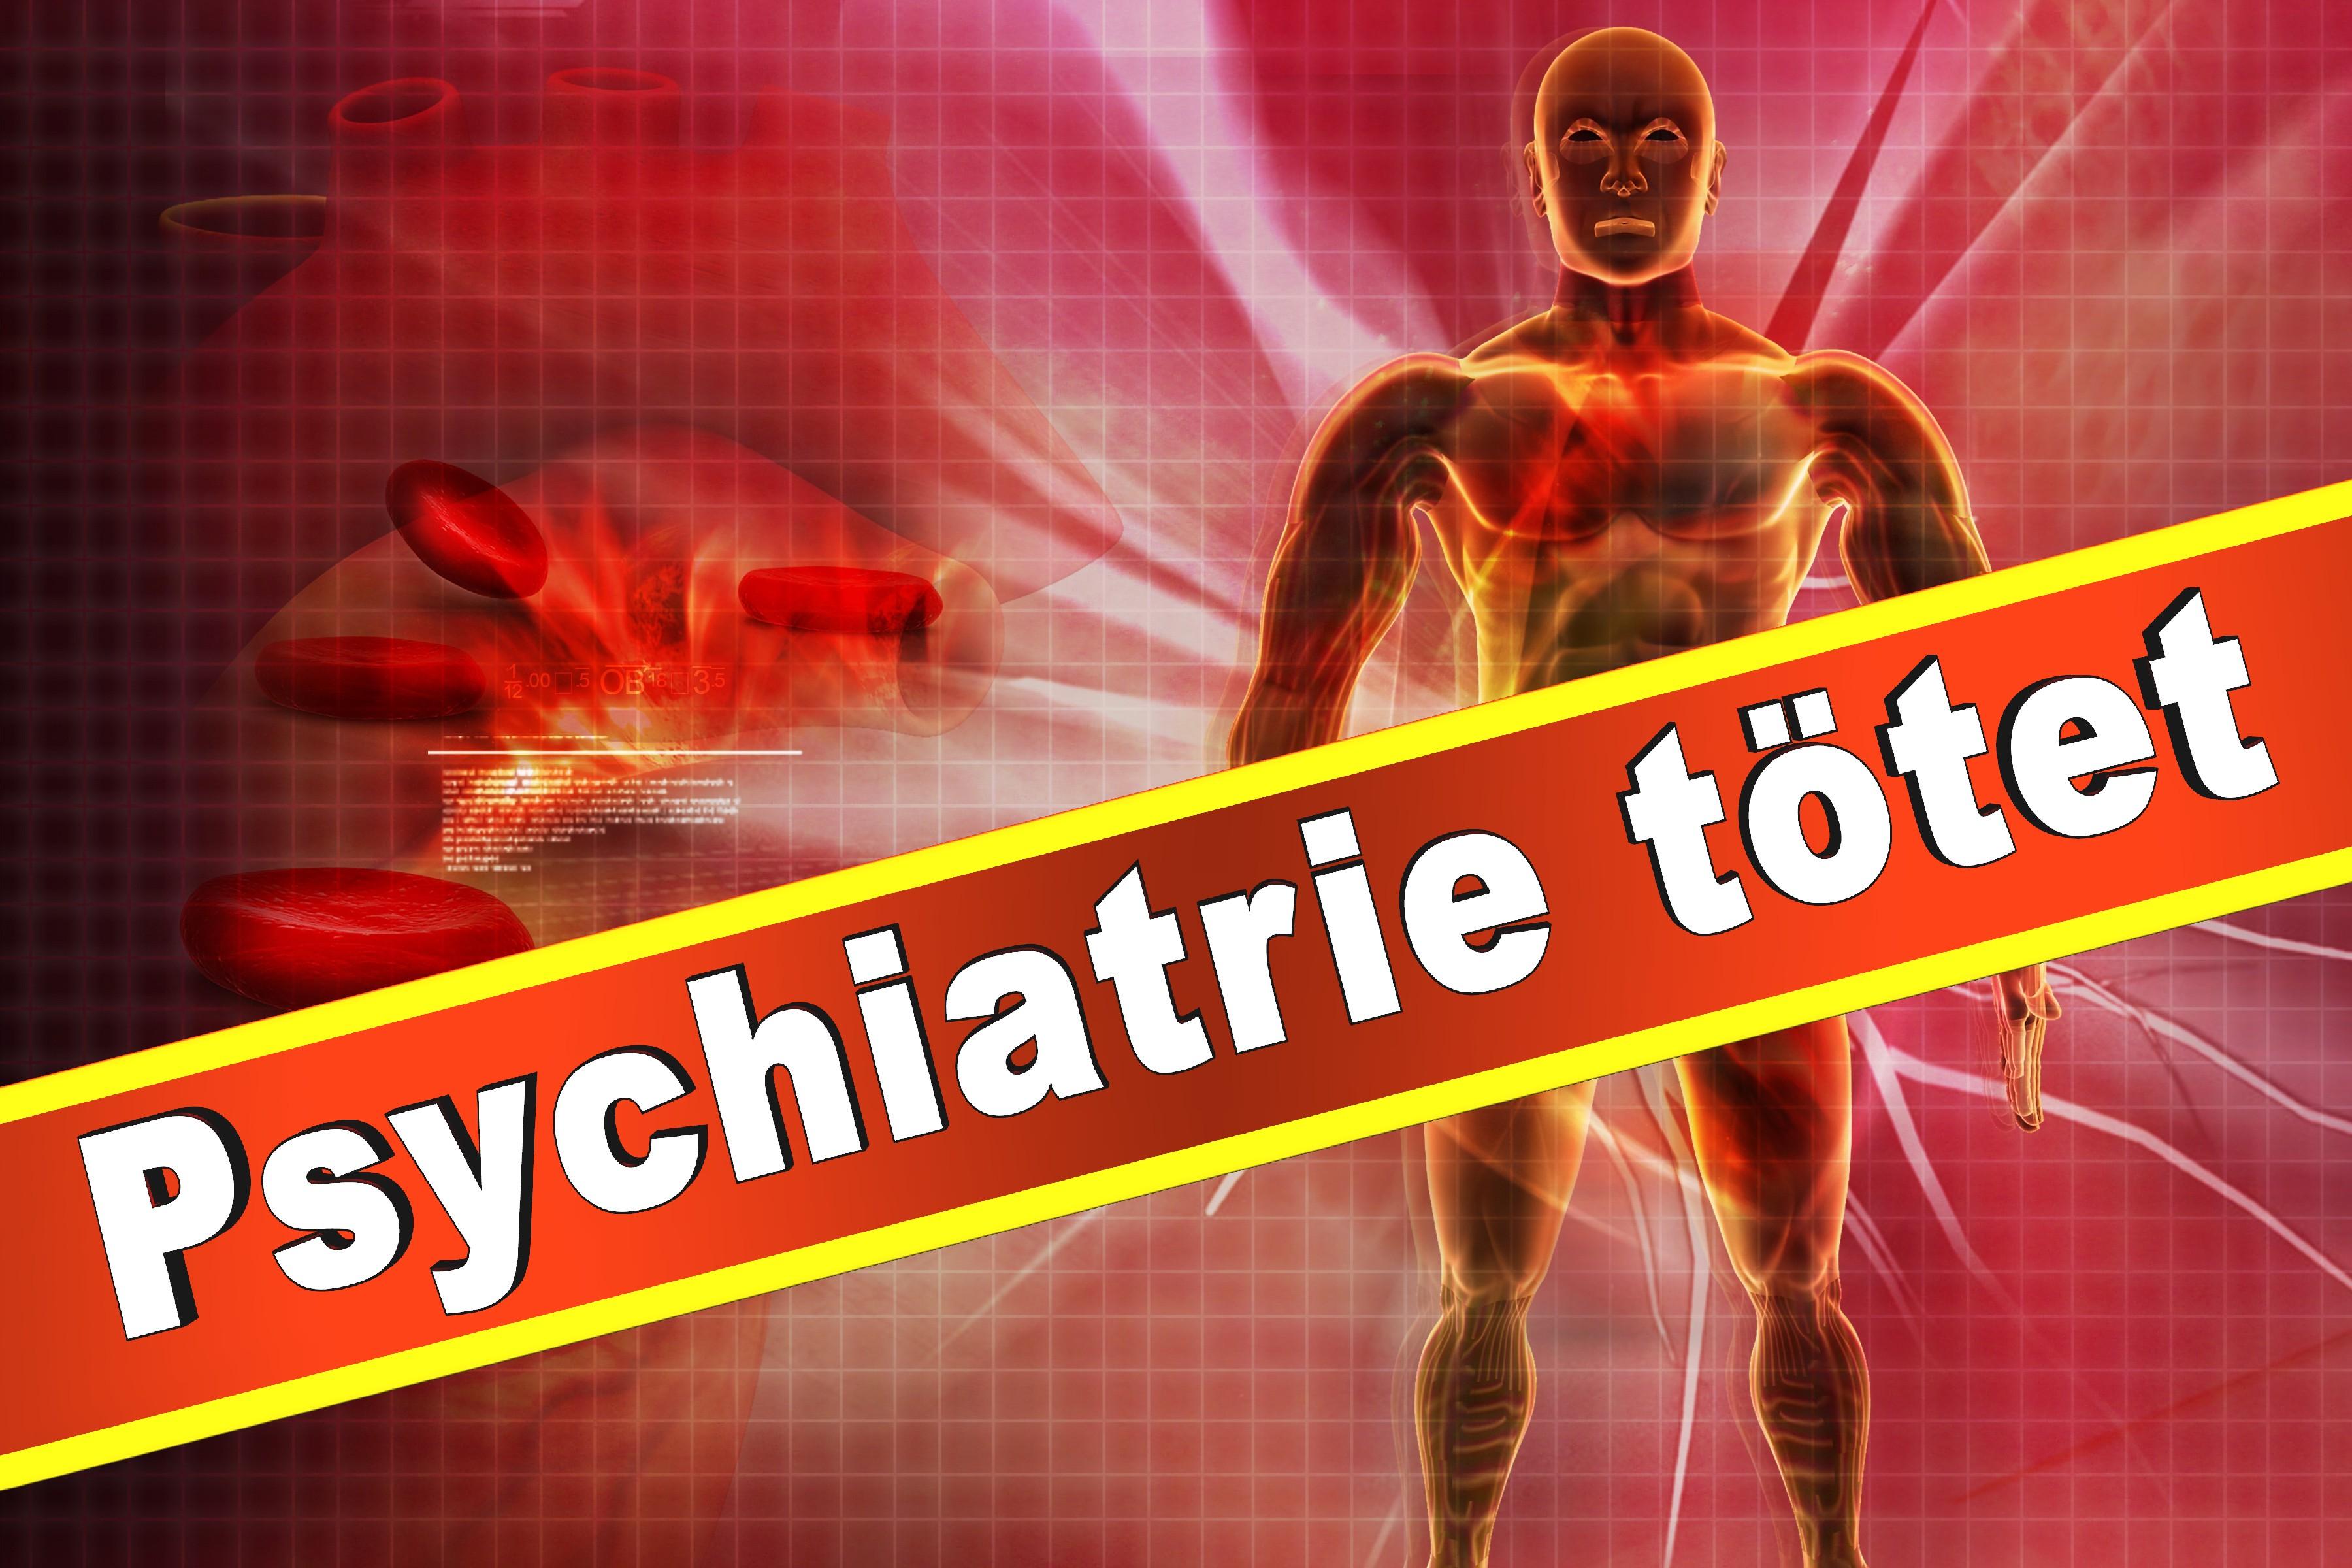 Wielant Machleidt Psychiater Psychotherapeut Professor Praxis Der Interkulturellen Psychiatrie Und Psychotherapie (29)